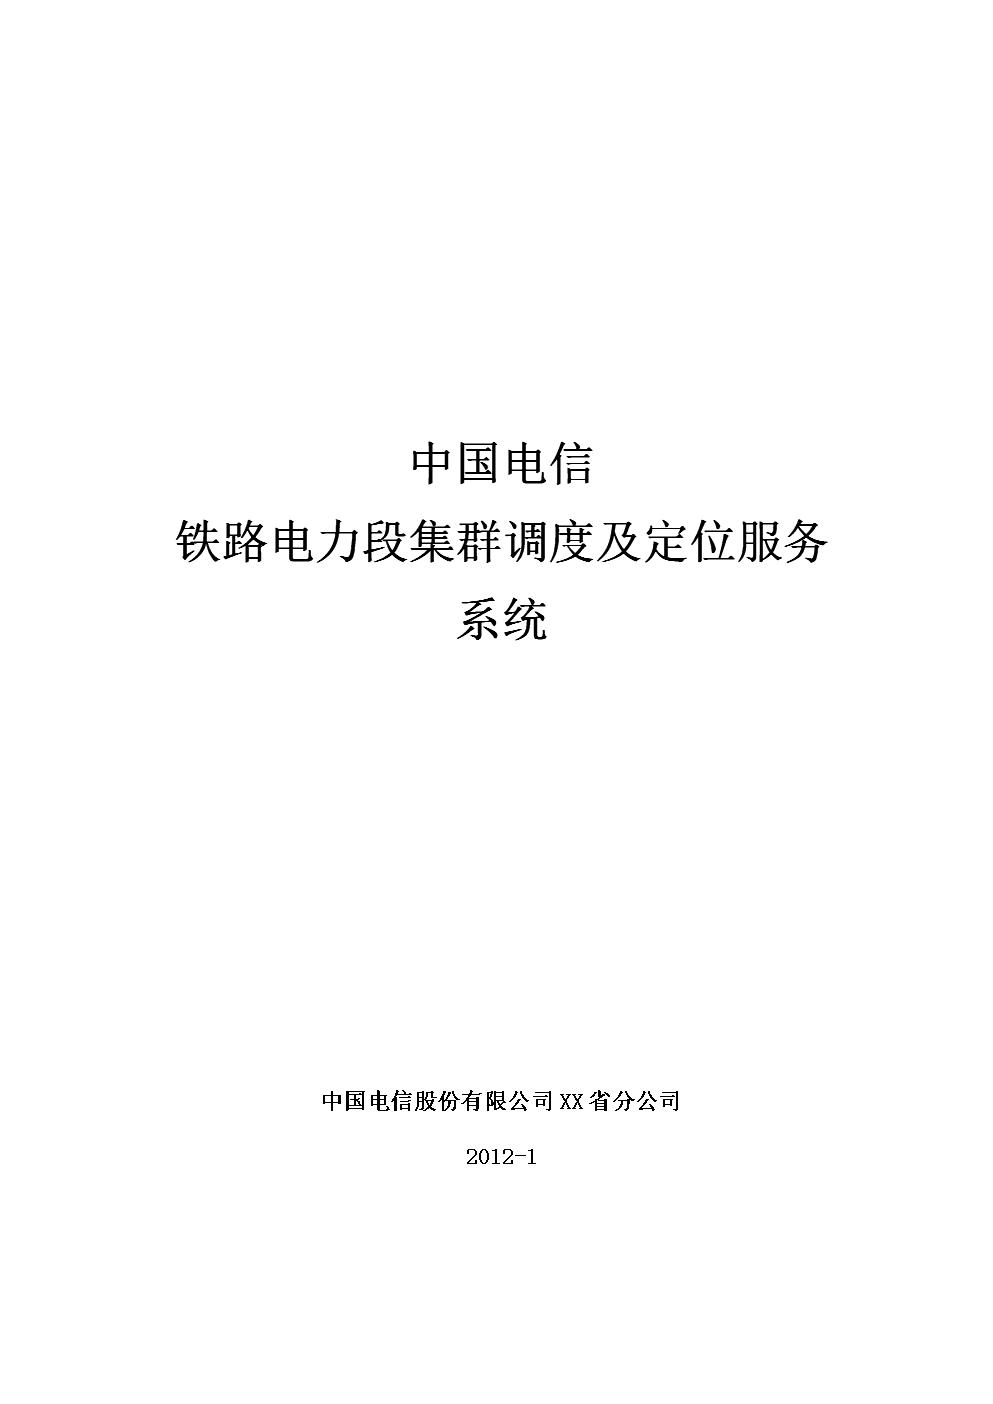 中国电信系统设计解决方案.doc